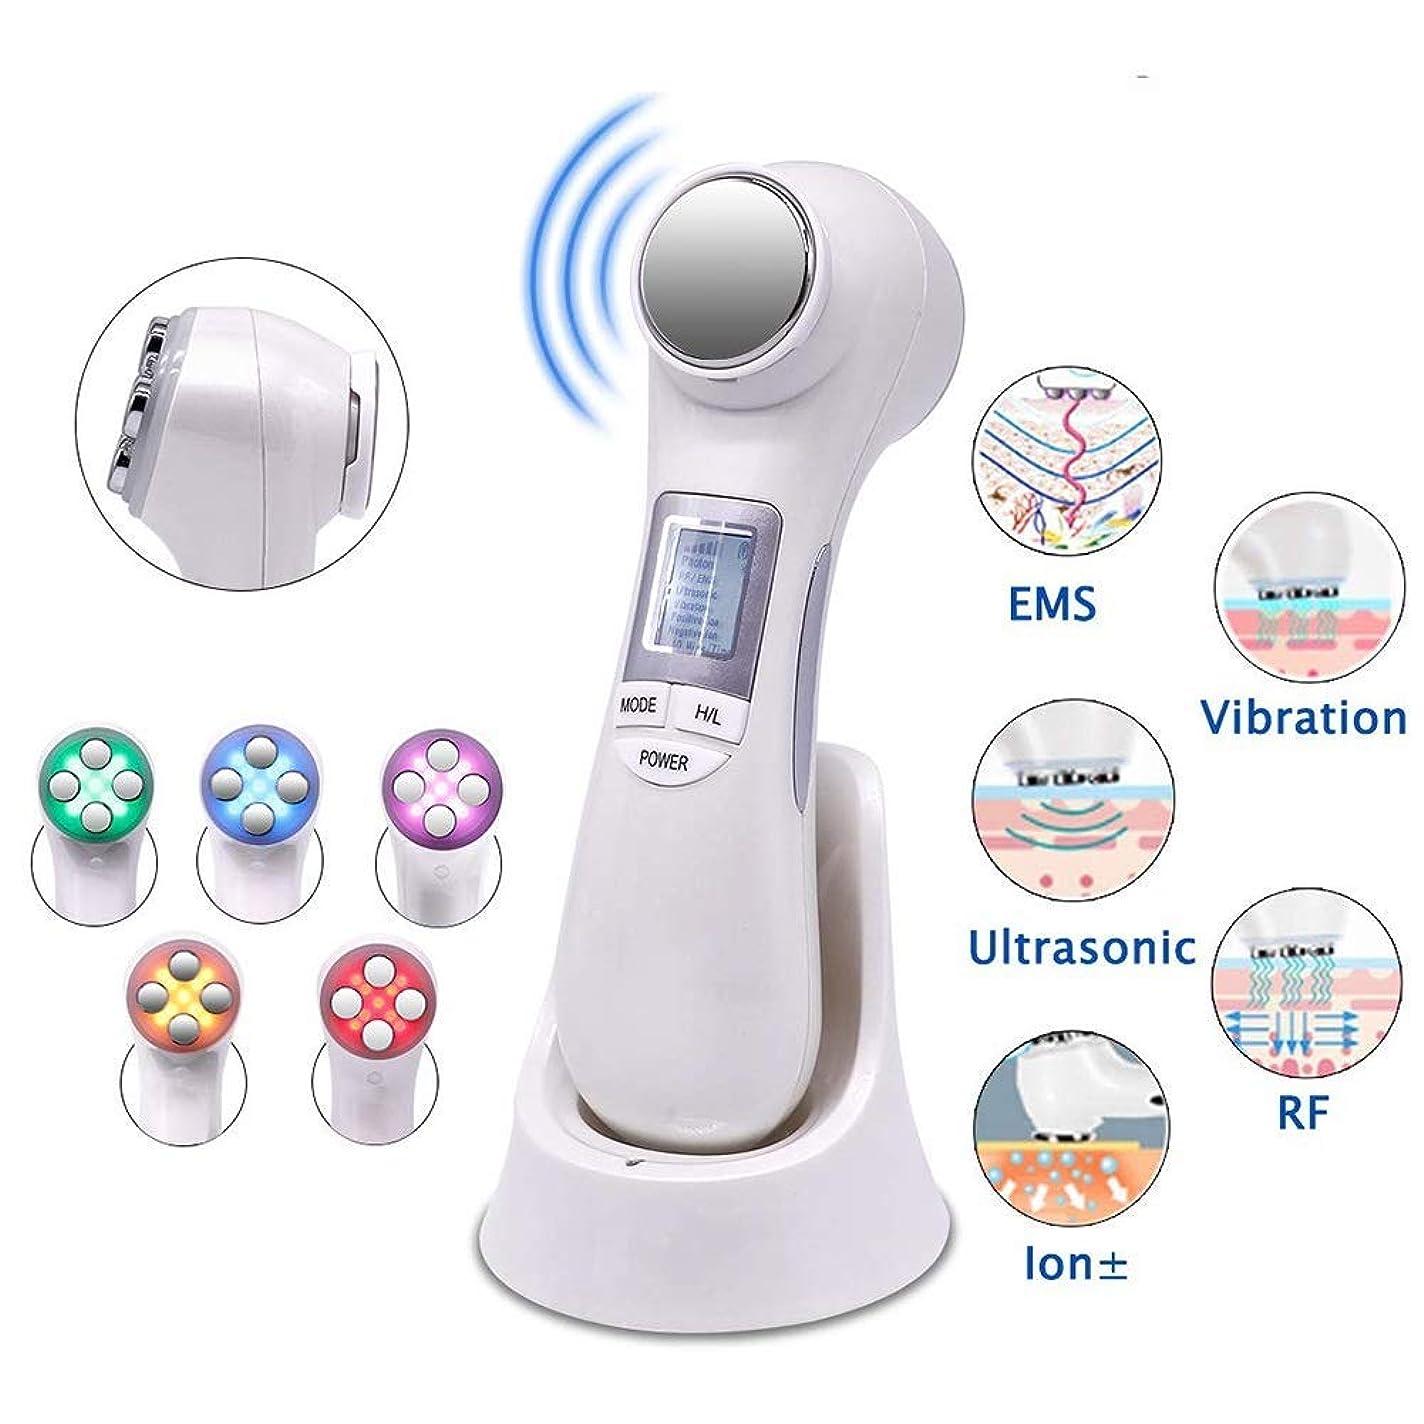 笑いホイットニー商人5つの色の機械をきつく締める1つの顔の持ち上がる機械EMSマッサージャーの皮に付き6つは深く清潔になることの反老化のためにつきます